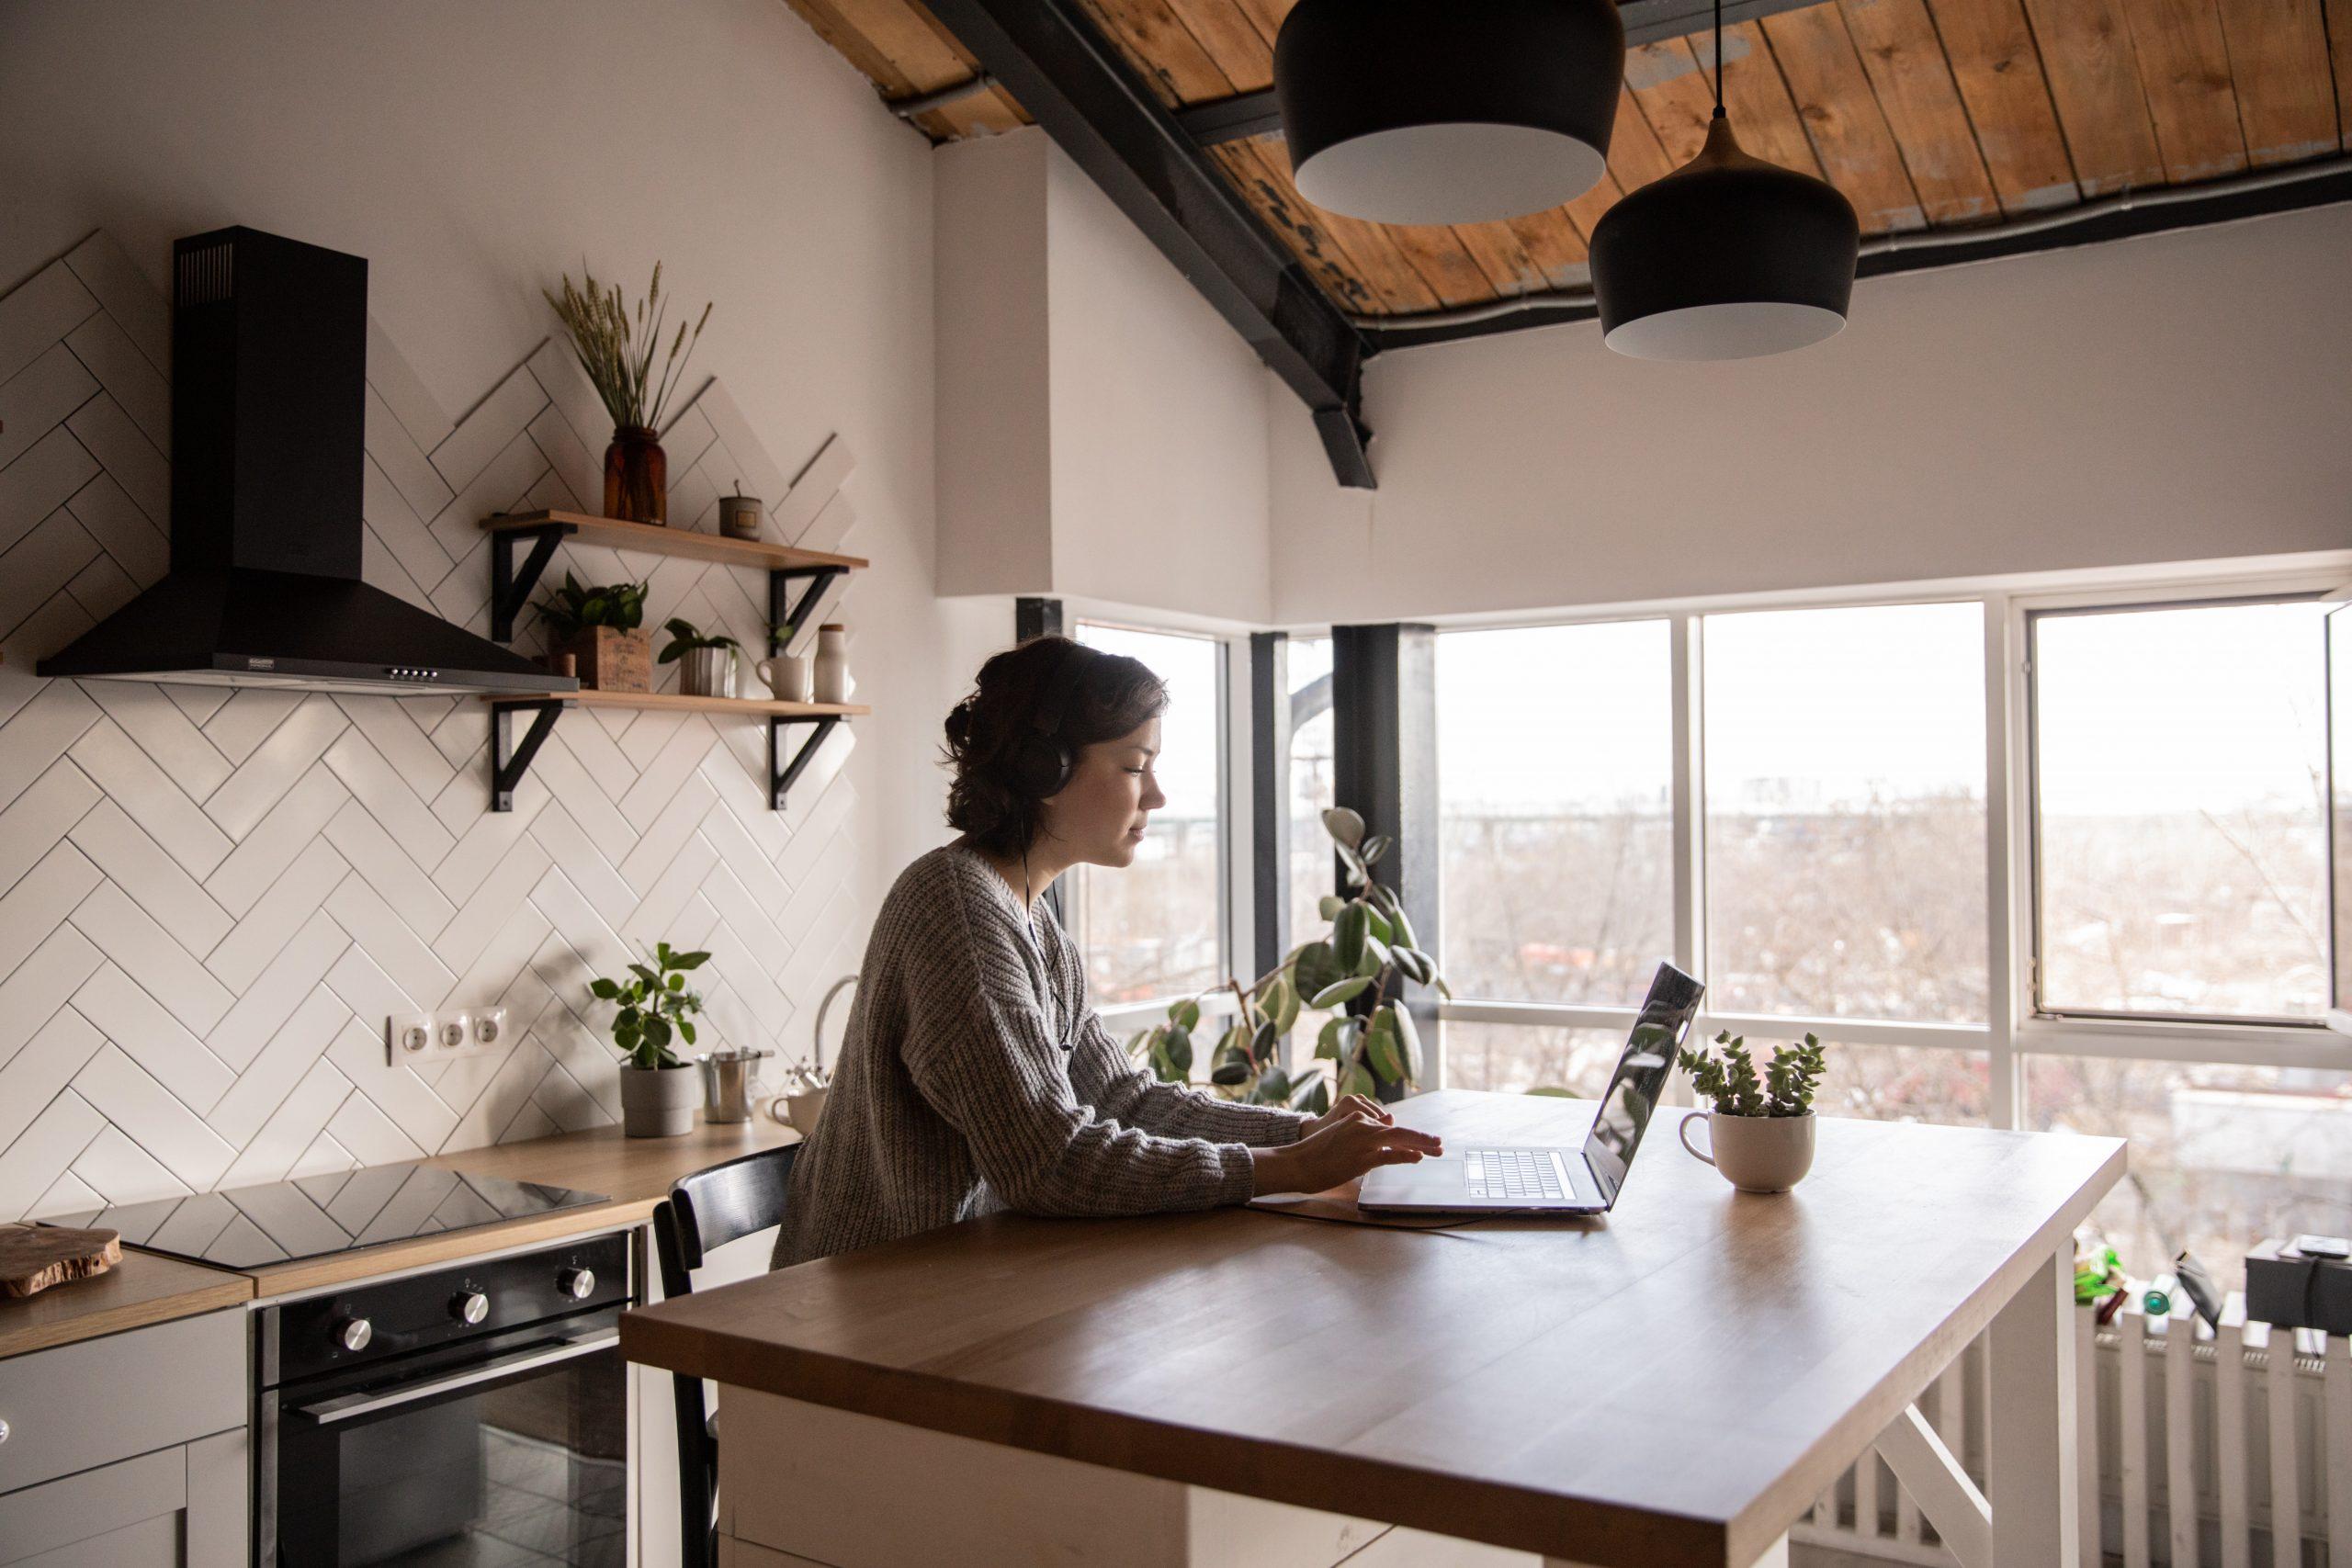 90% des employeurs déclarent que le travail à distance n'a pas nui à la productivité